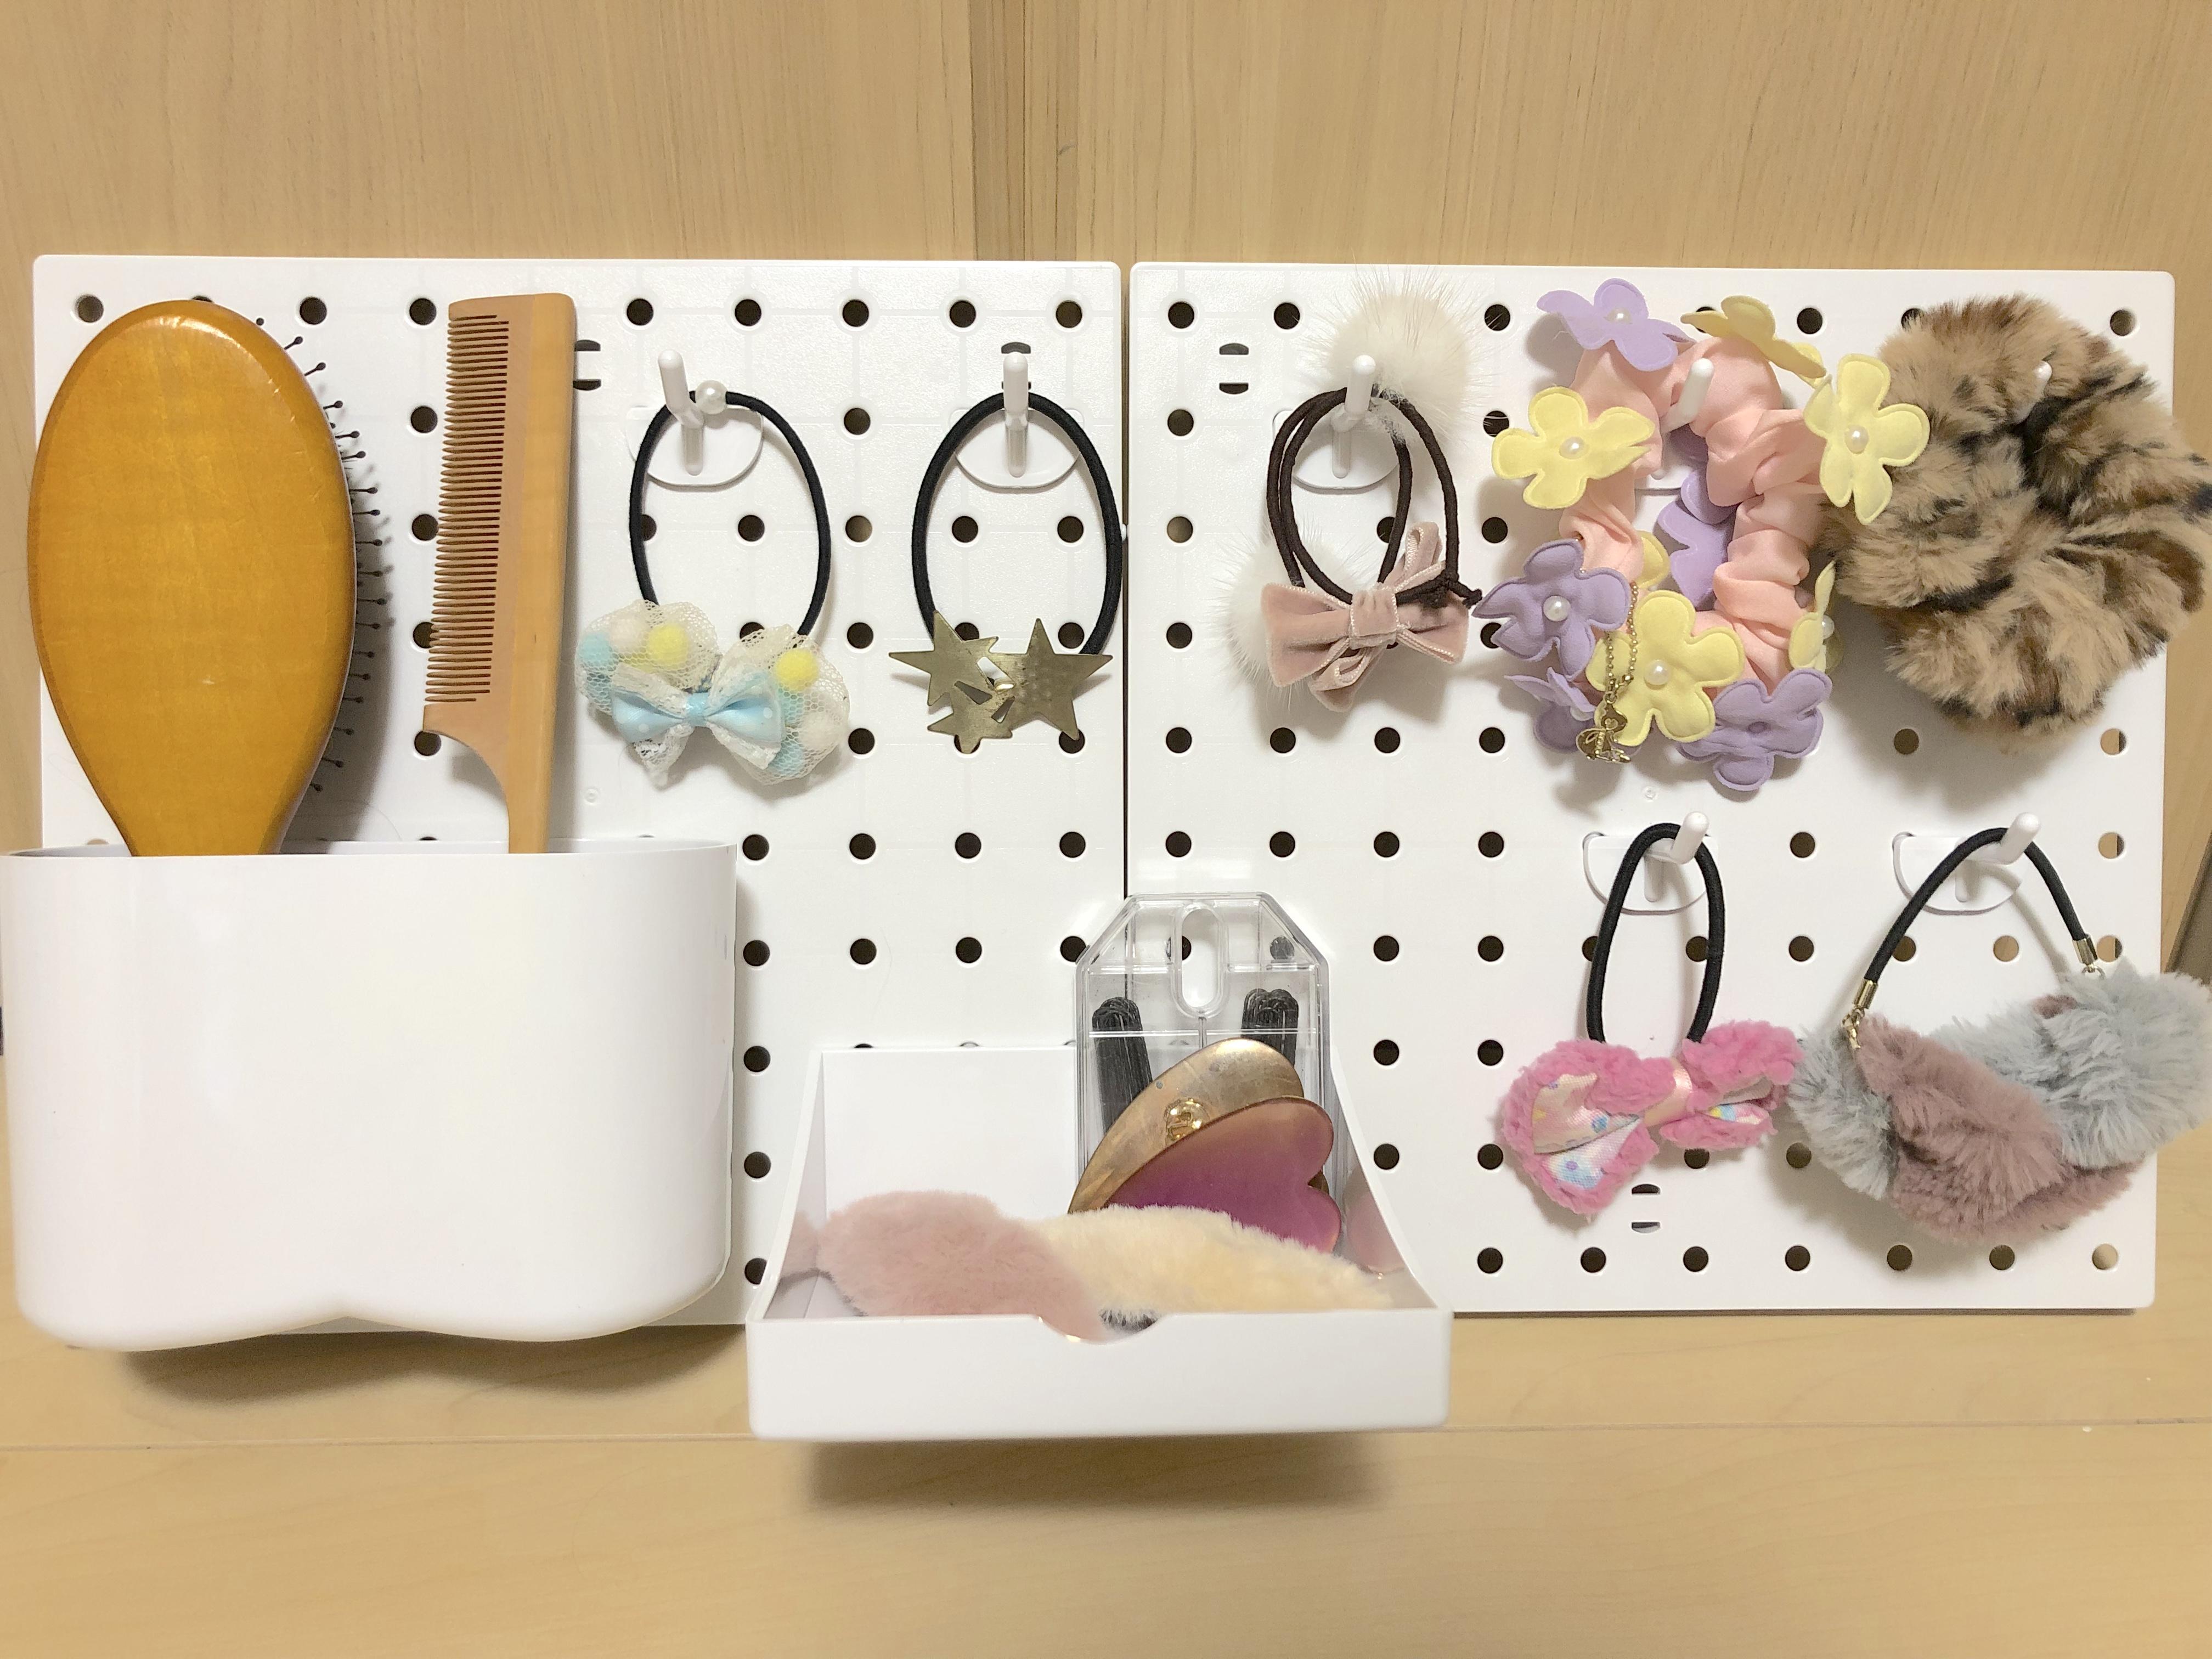 【ダイソー】組み合わせ自在の「パンチングボード」で壁面収納づくり